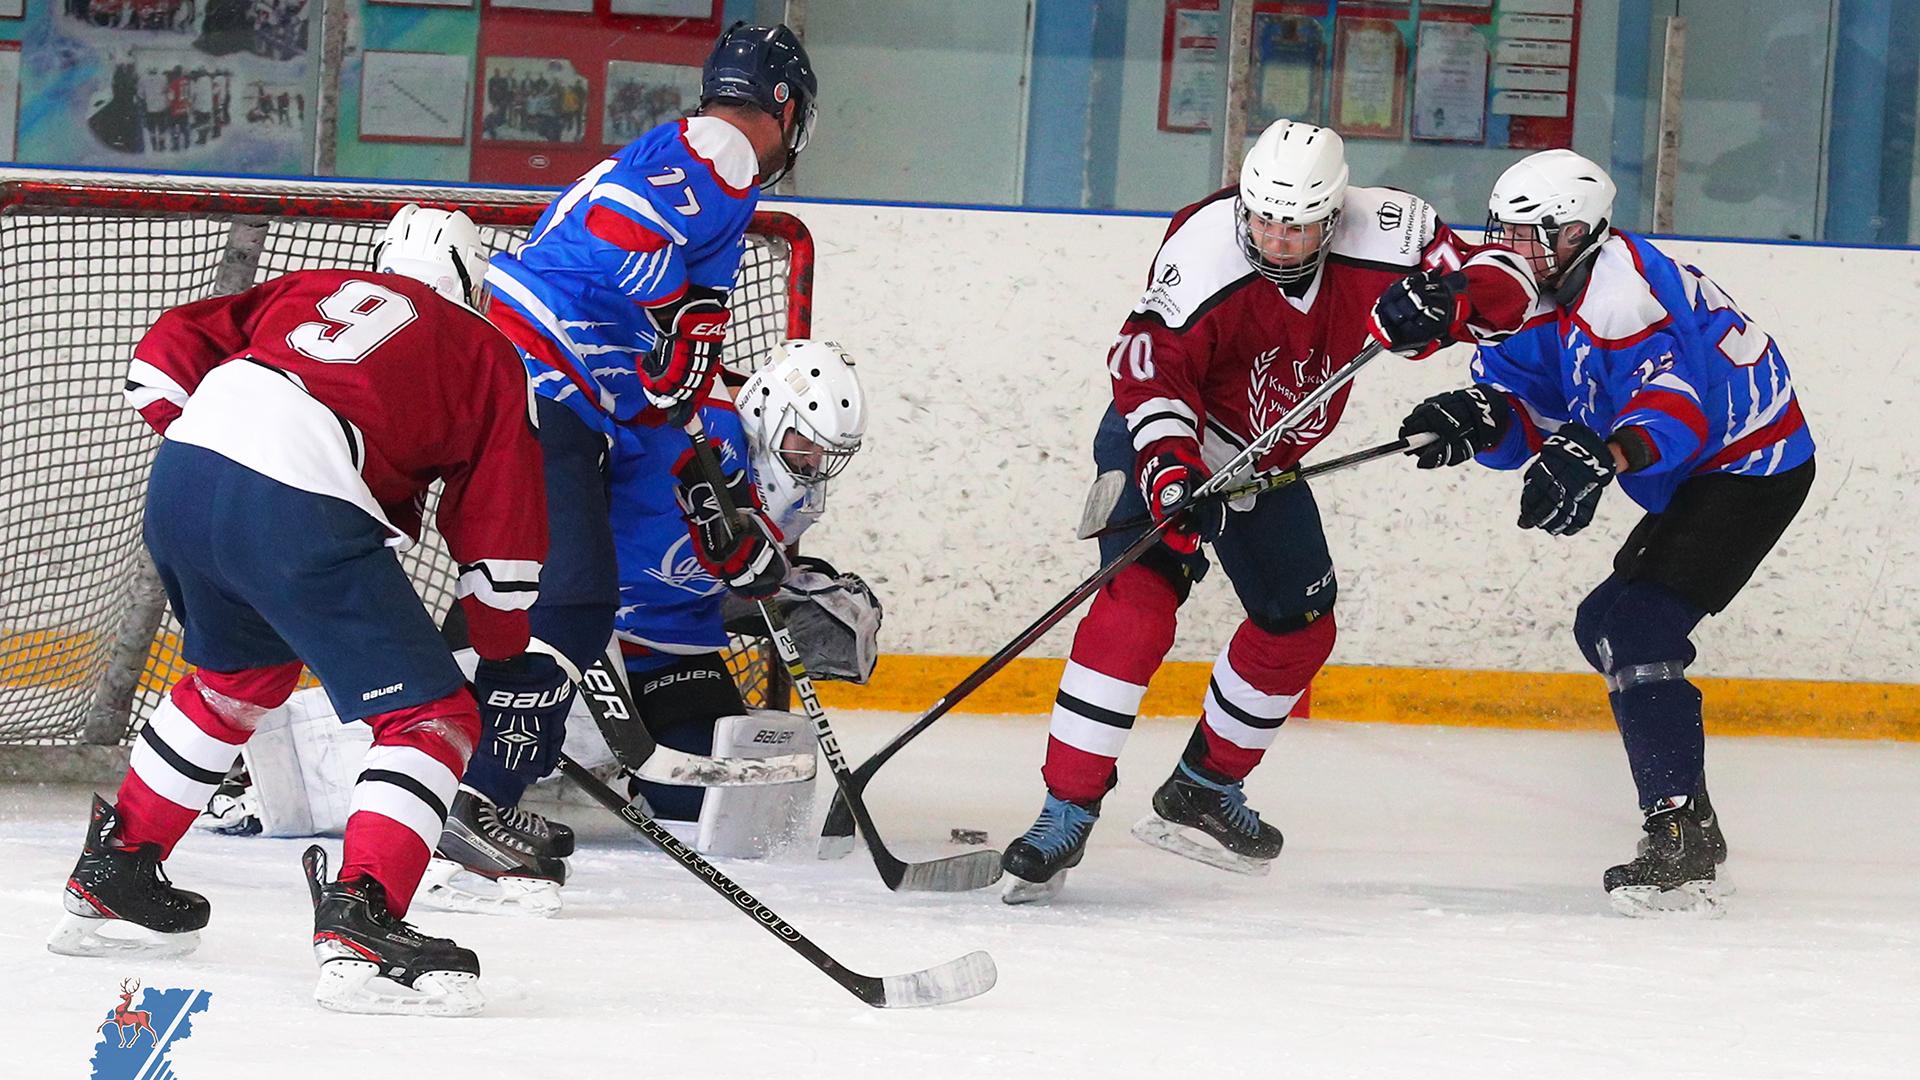 Мининский университет – чемпион Нижегородской области среди студенческих команд по хоккею